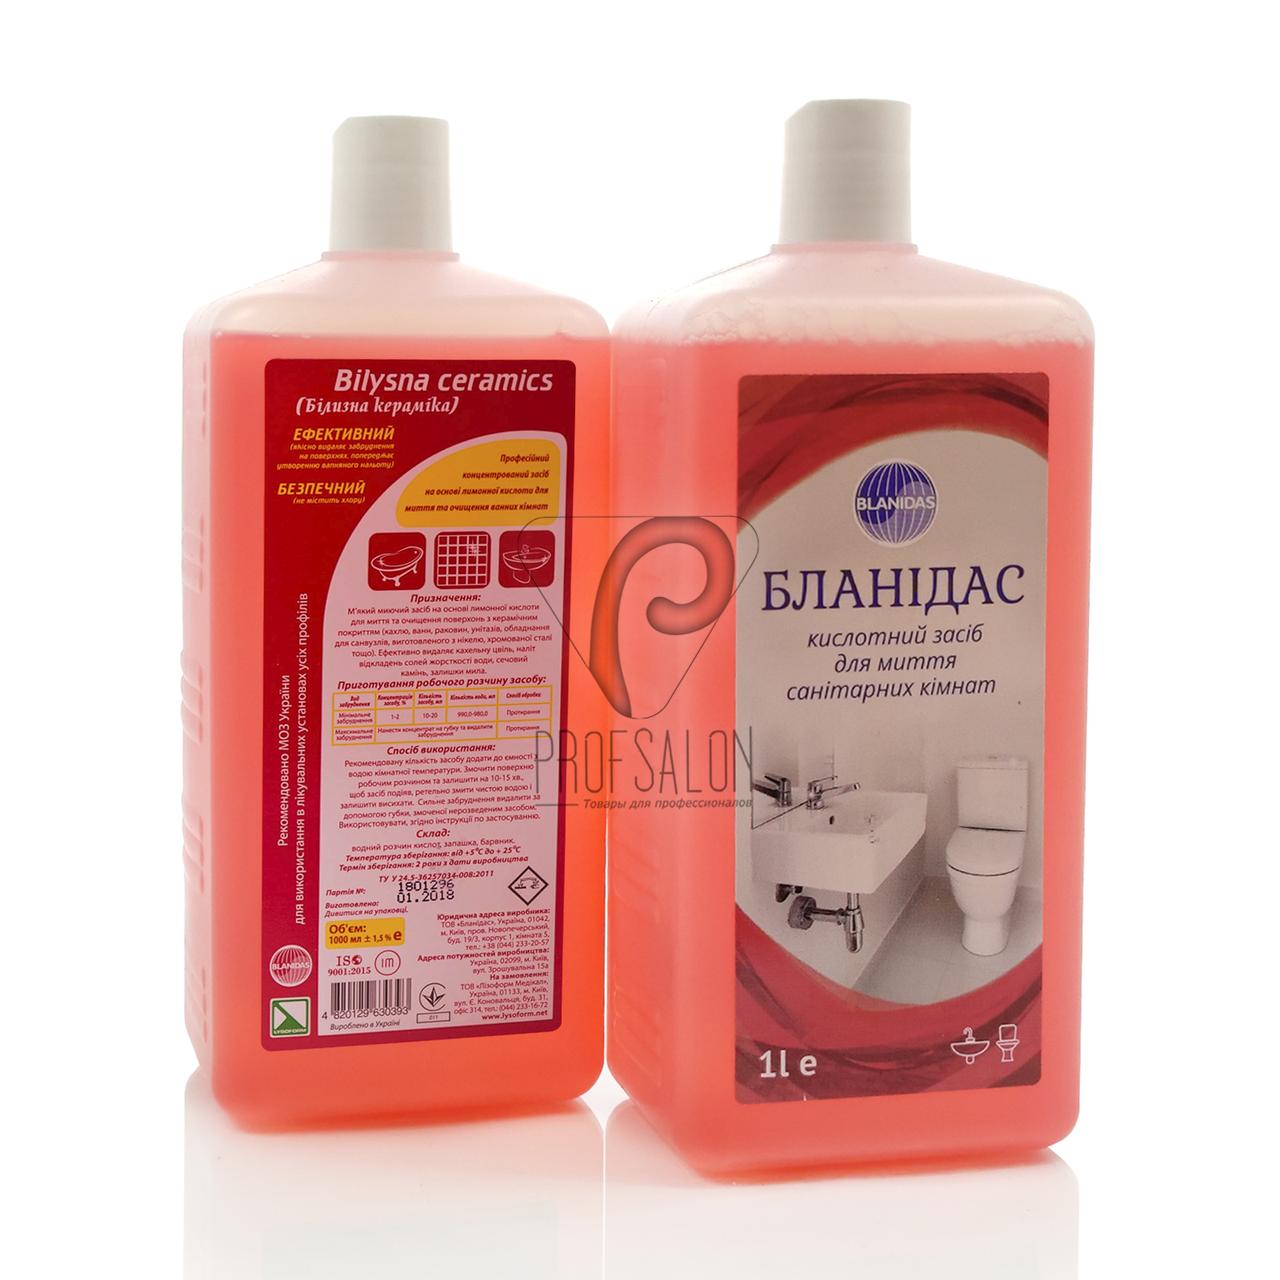 Бланидас кислотное средство для митья санитарных комнат, 1000 мл